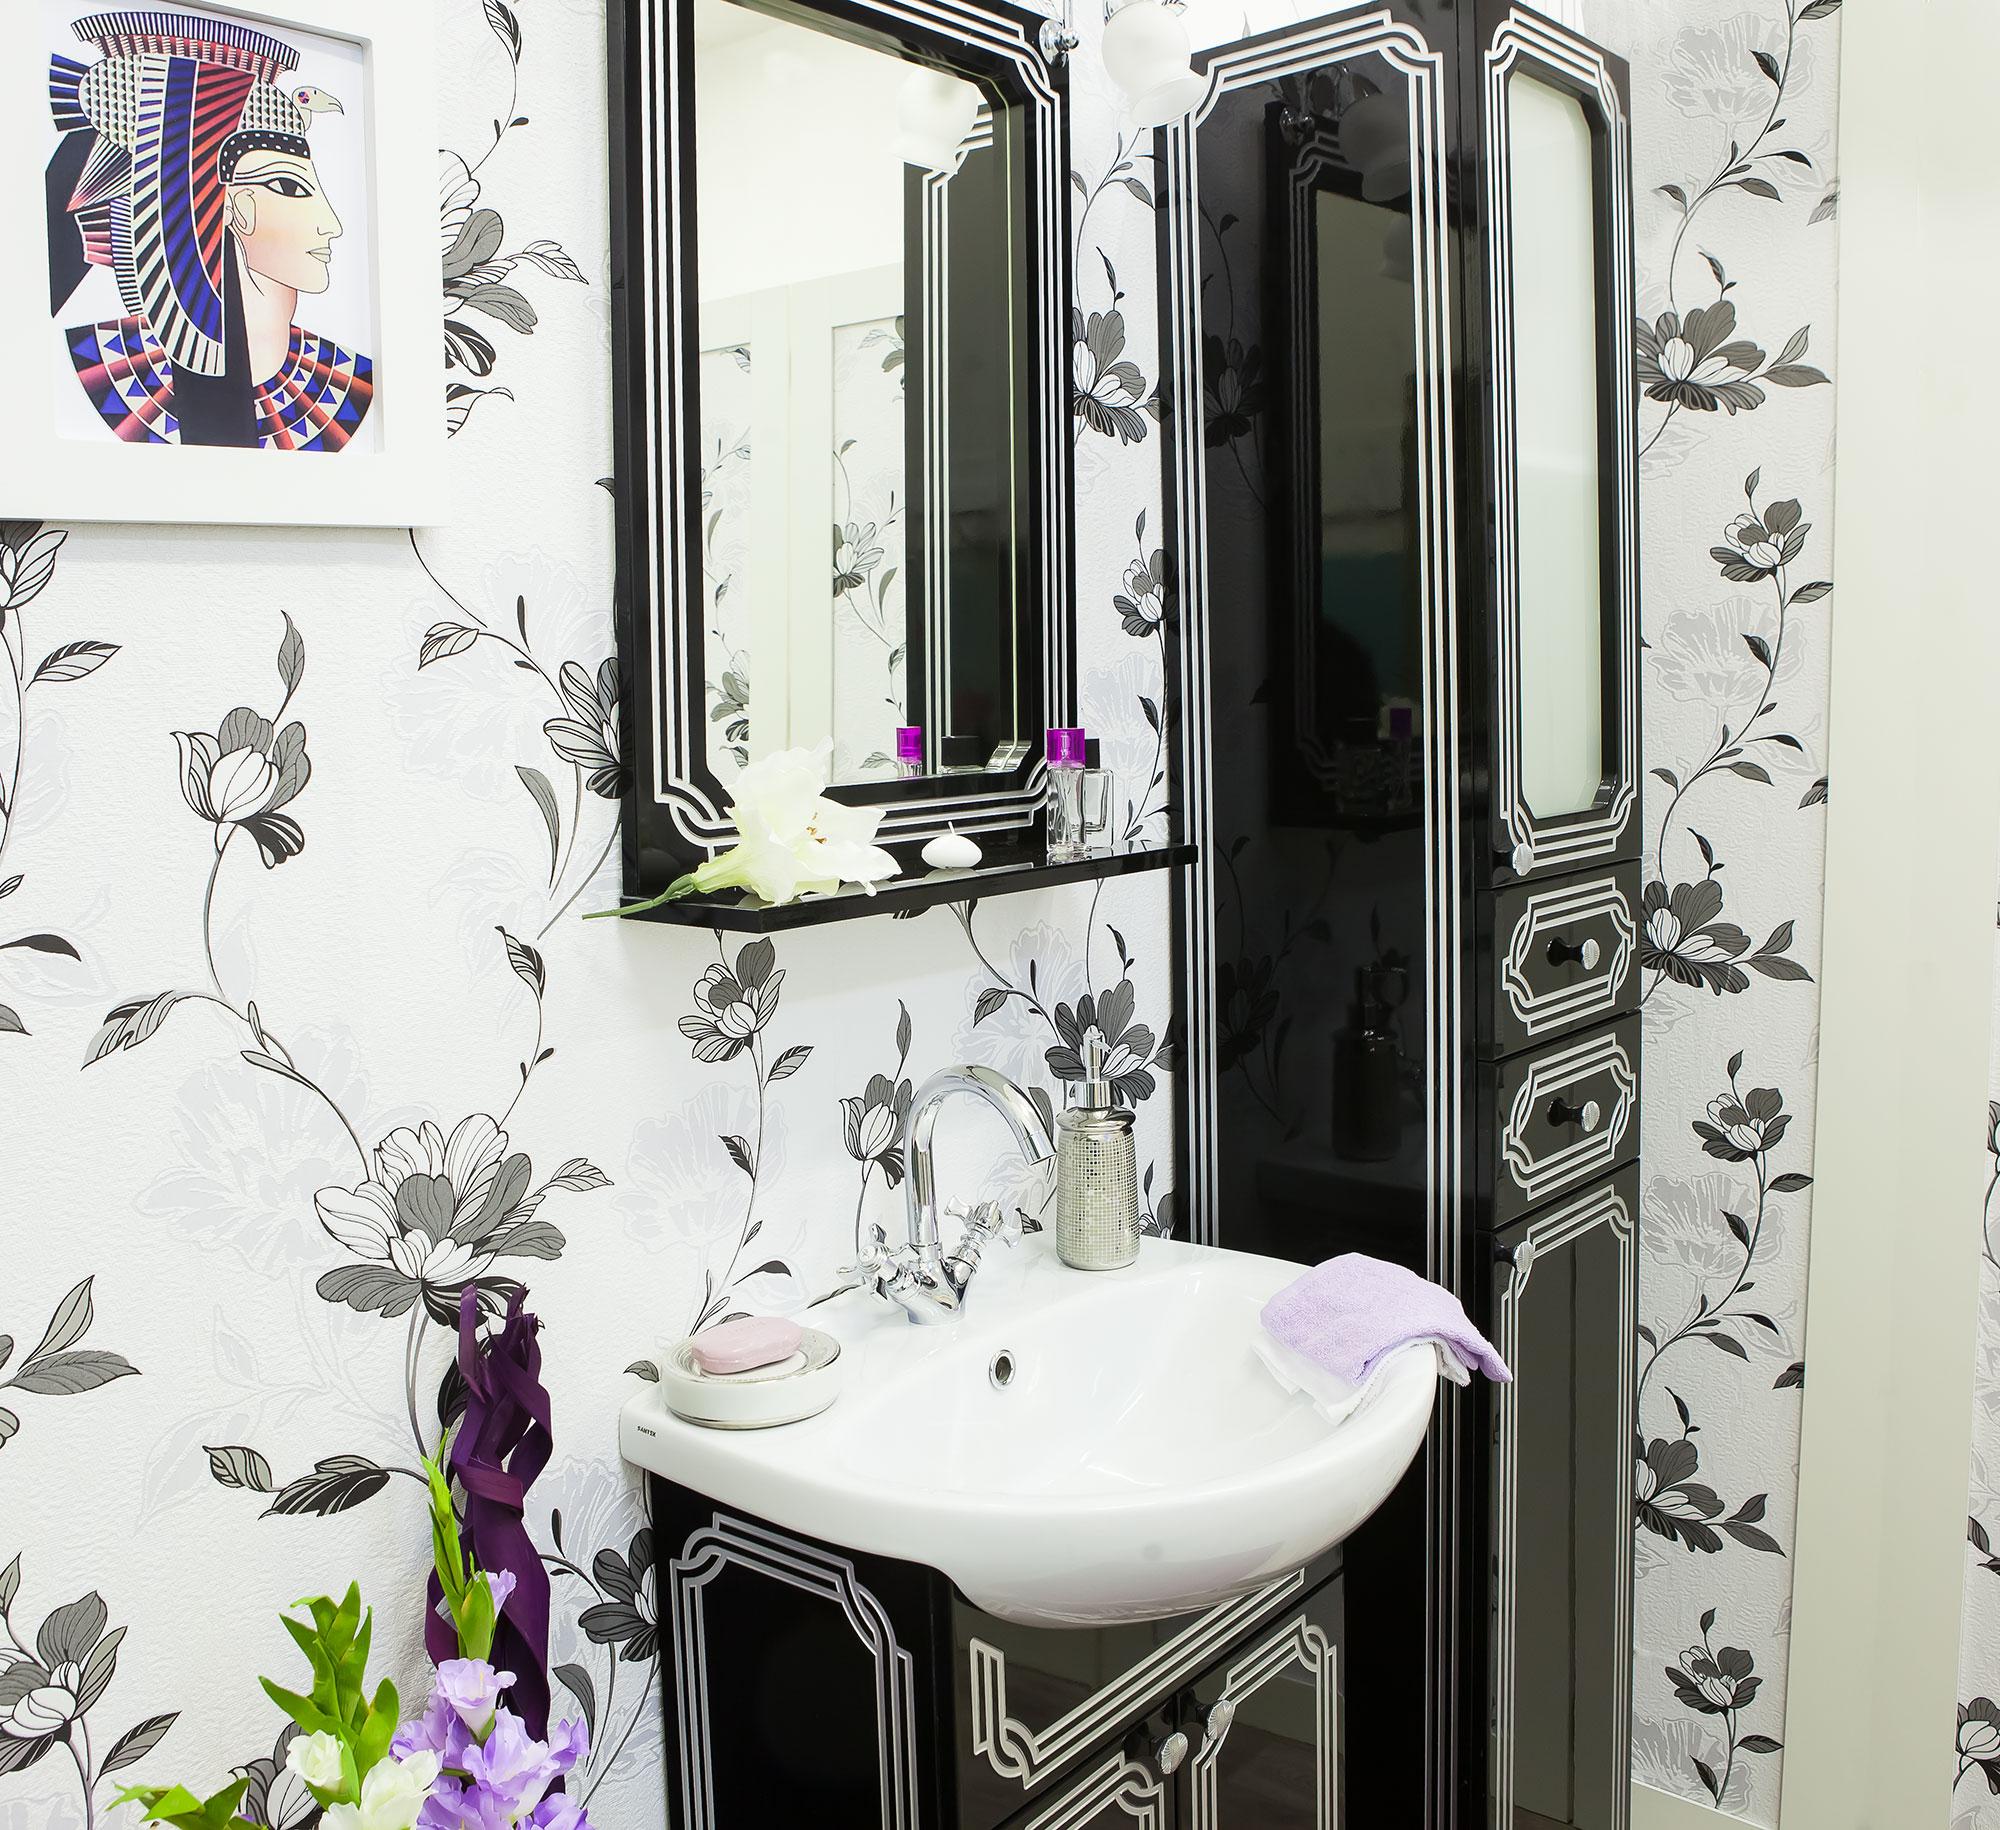 Сбор заказов. Для ванных комнат: тумбы, умывальники, пеналы, полупеналы, зеркала. 3D-фрезерование, патинирование, экологически чистые материалы. Мебель, которую выгодно покупать - 34